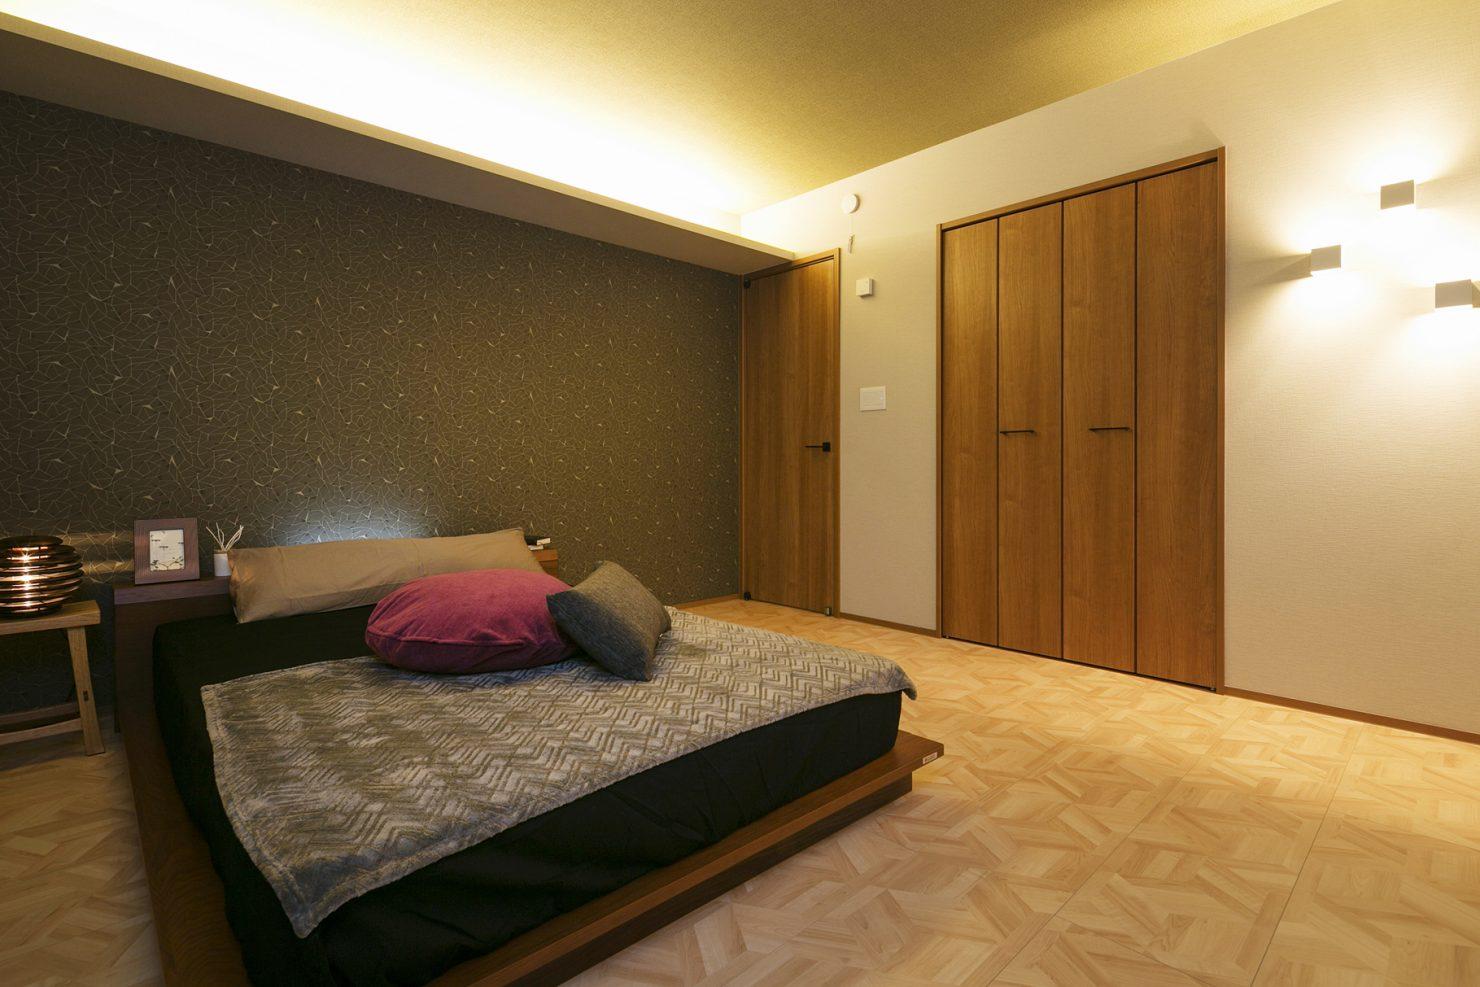 ハウスM21「豊かさと快適さの追求」寝室写真